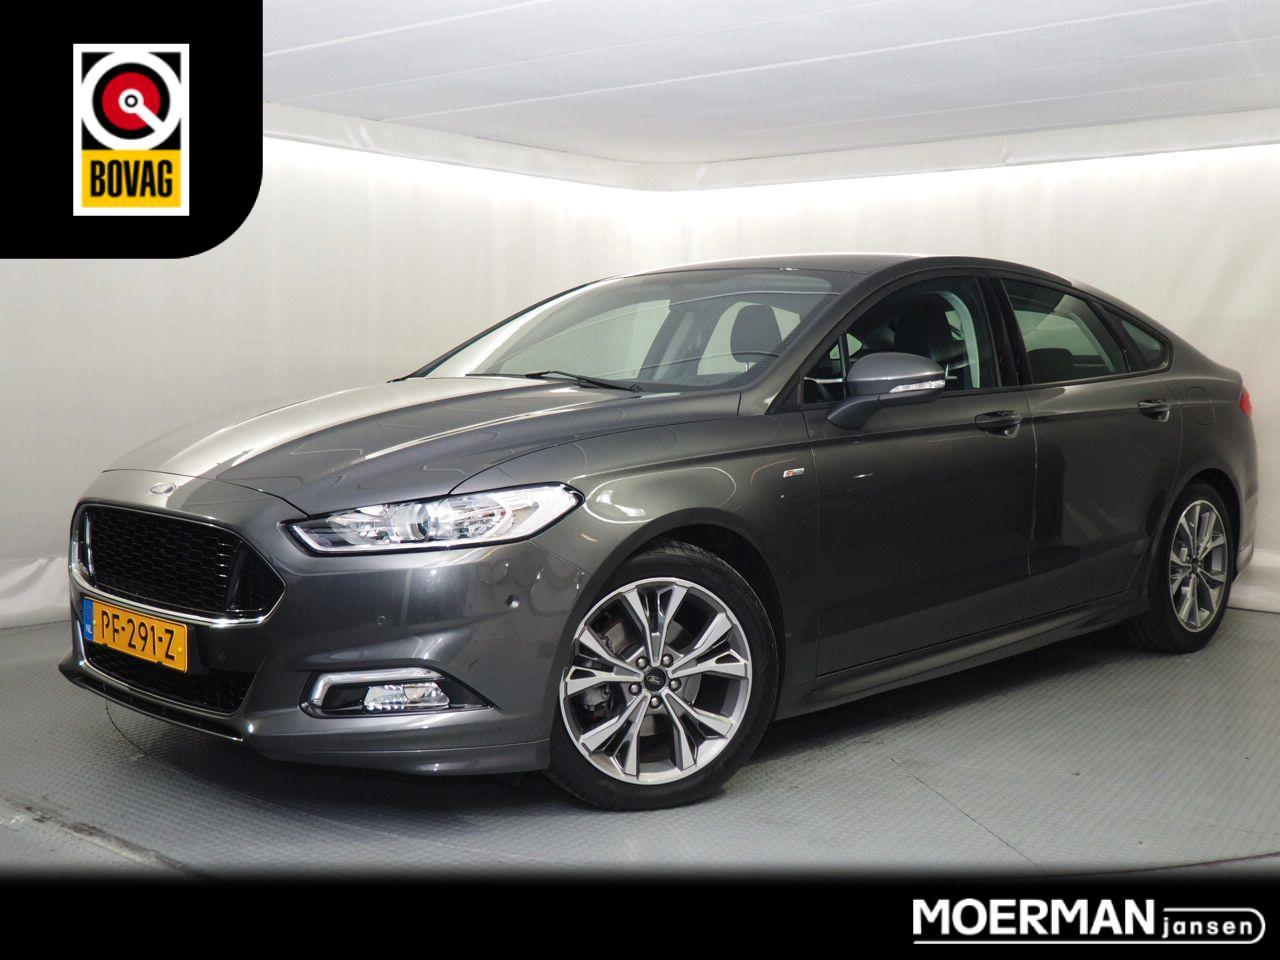 Ford Mondeo 1.5 st line / hatchback / navigatie / parkeerassist / 1e eigenaar / dealer onderhouden / 160 pk